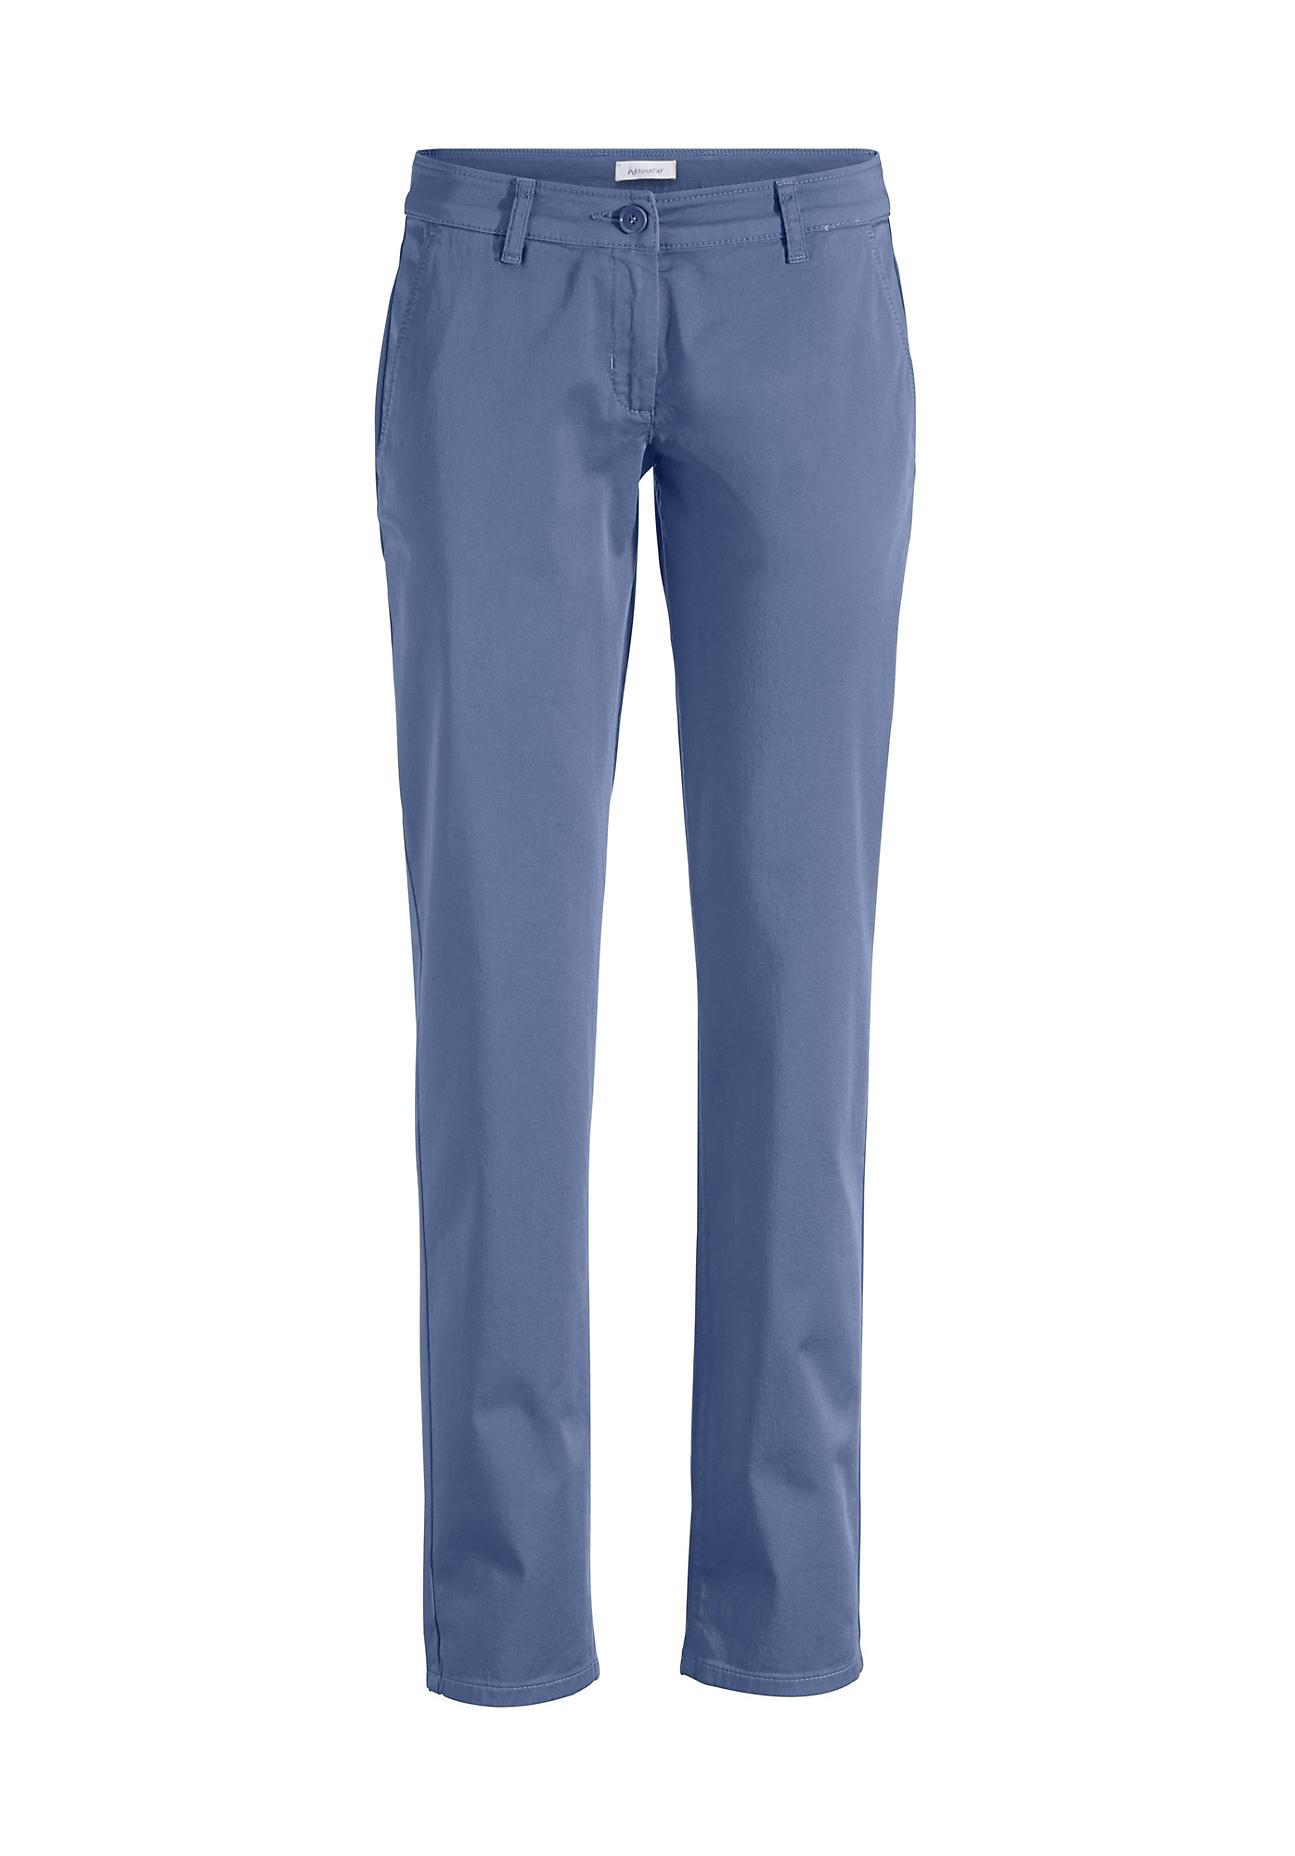 hessnatur Damen Chino aus Bio Baumwolle – blau – Größe 38